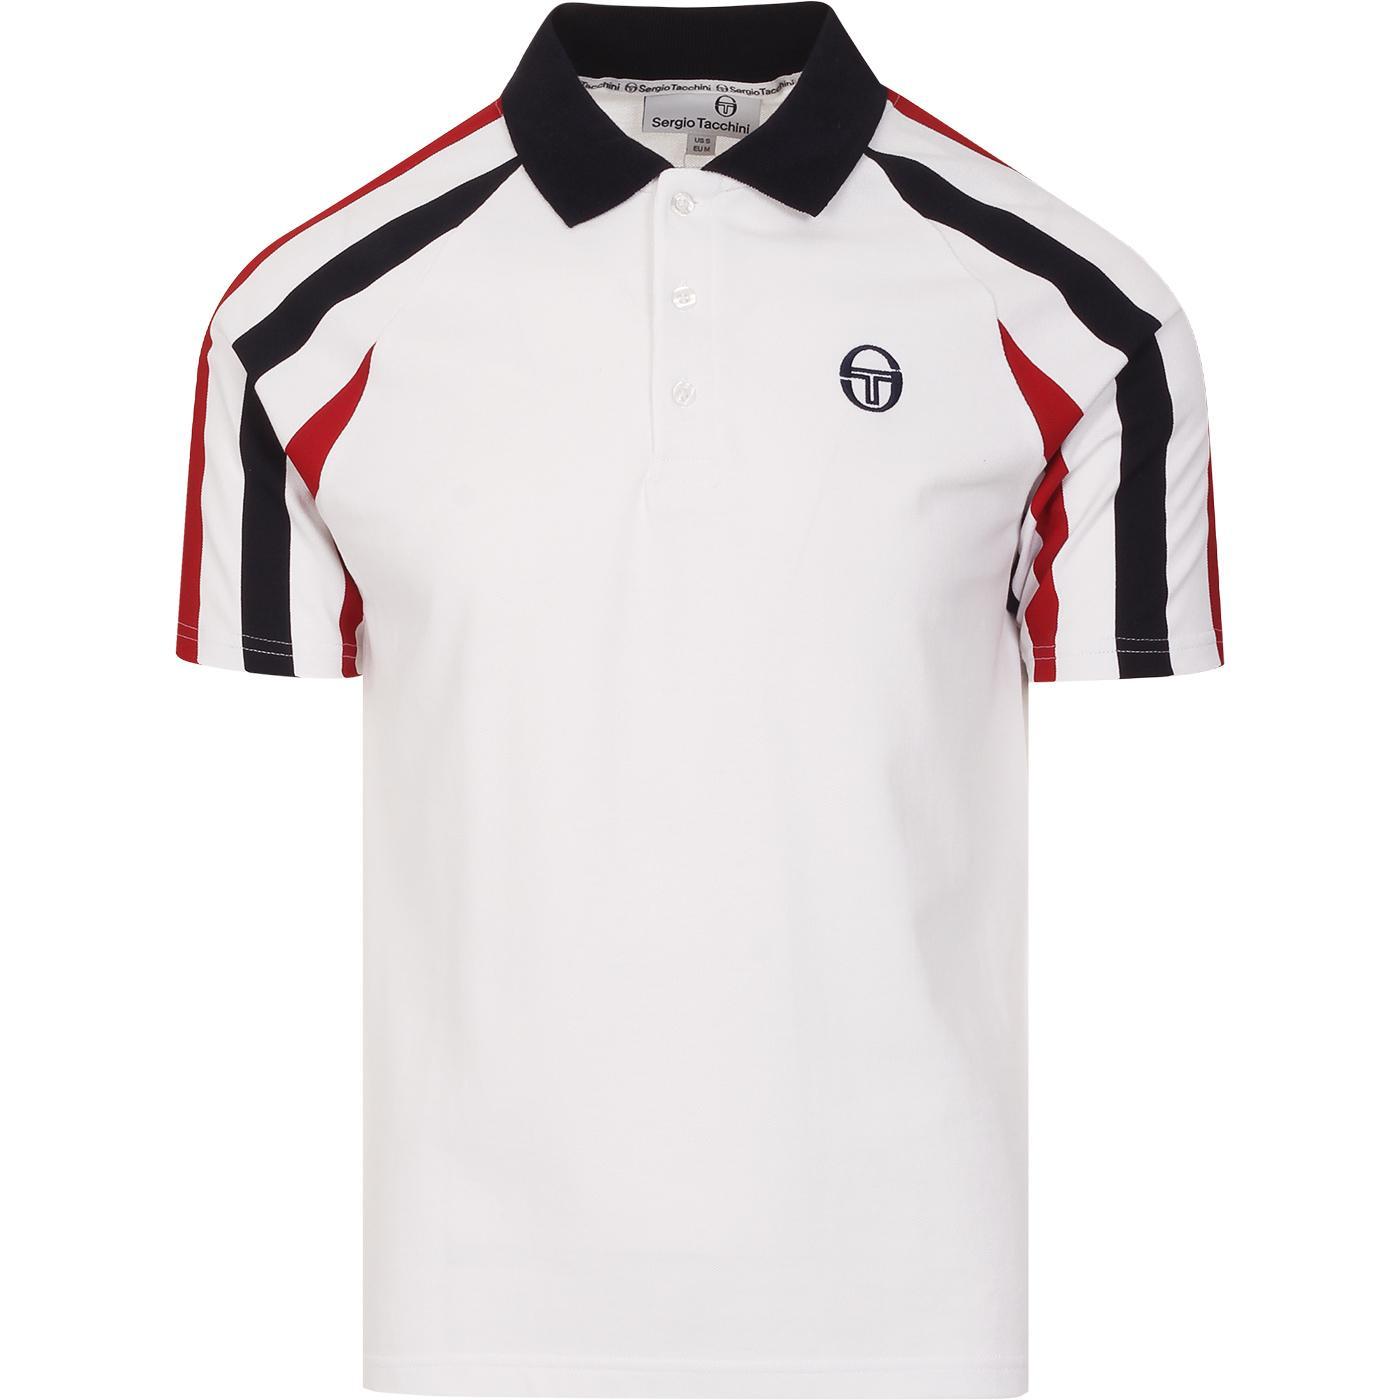 Blow SERGIO TACCHINI Retro 1980s Polo Shirt (W)